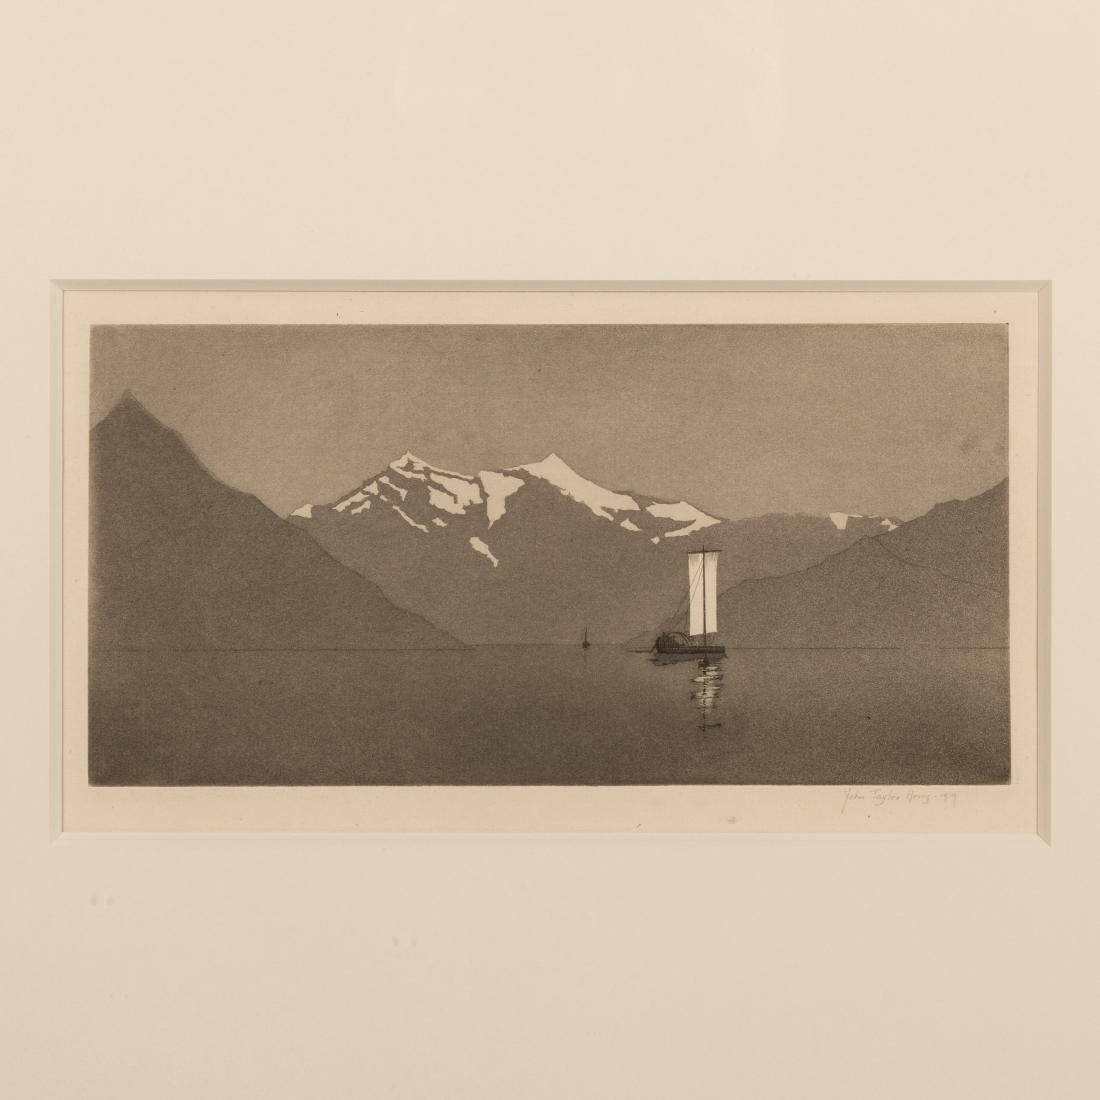 John Taylor Arms - On Lake Como #2 - Aquatint - 2